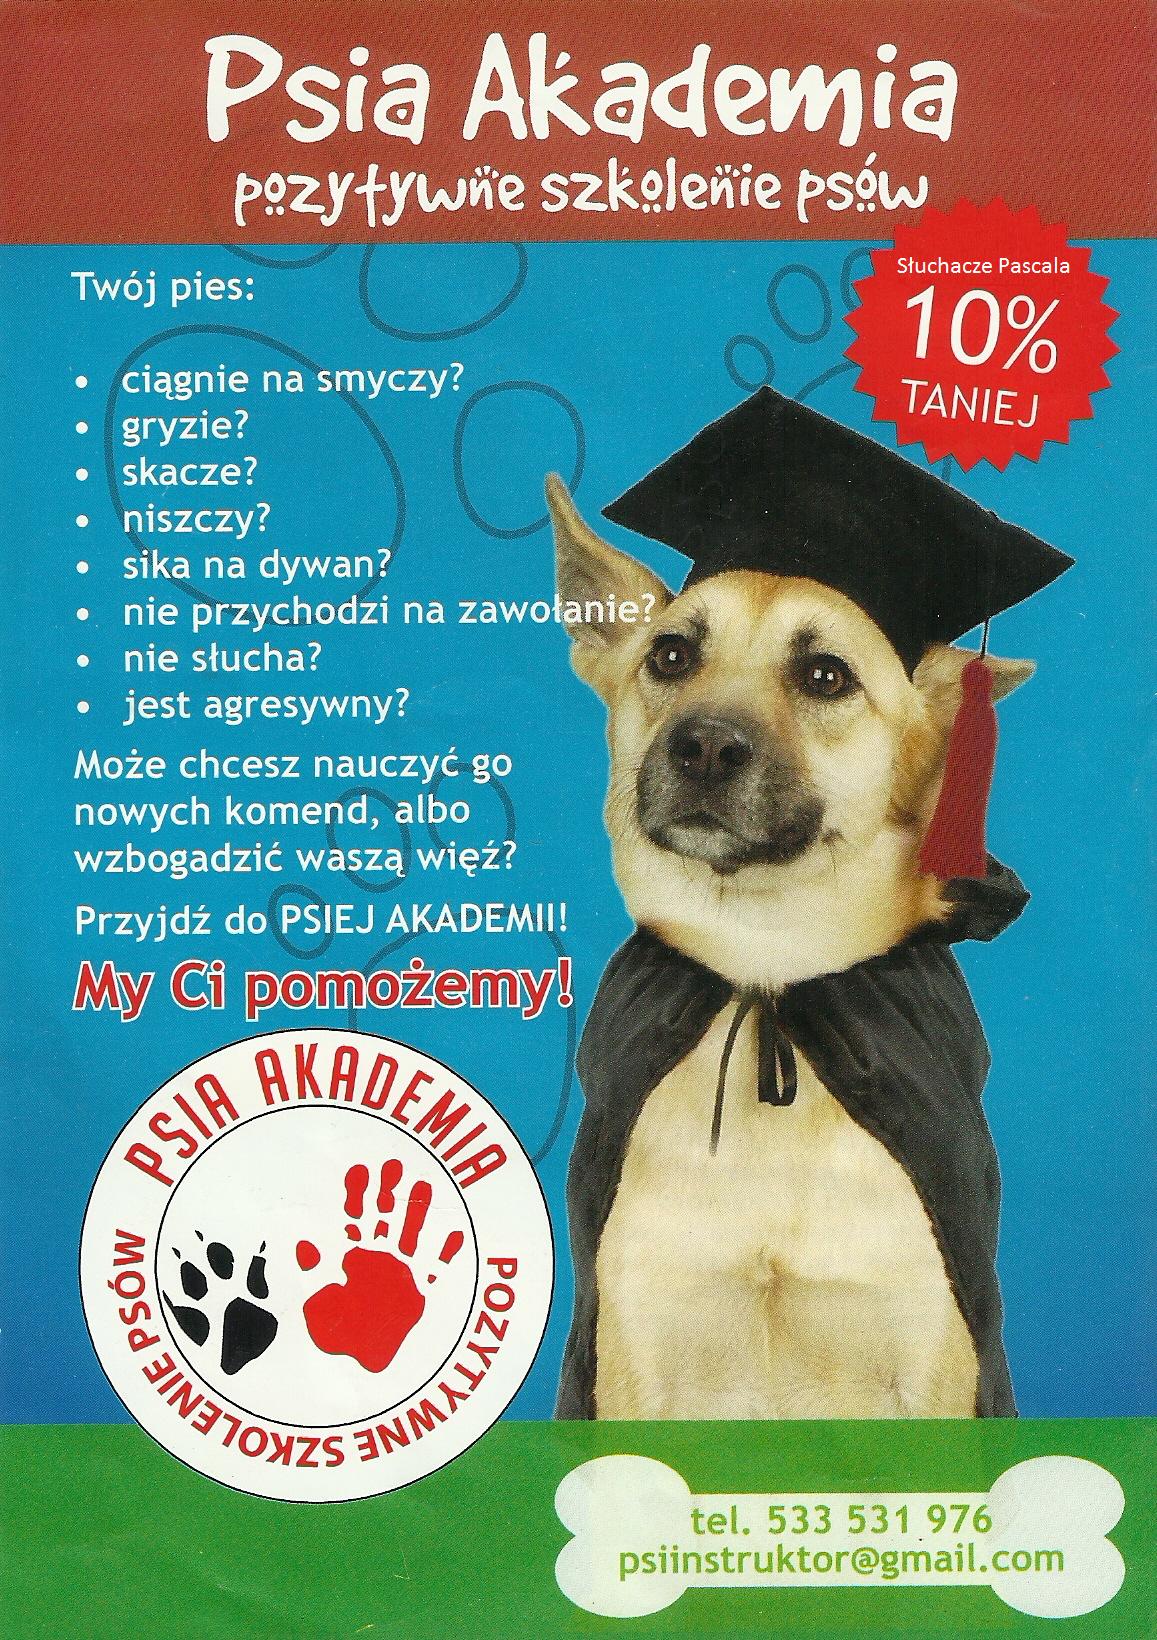 psia akademia